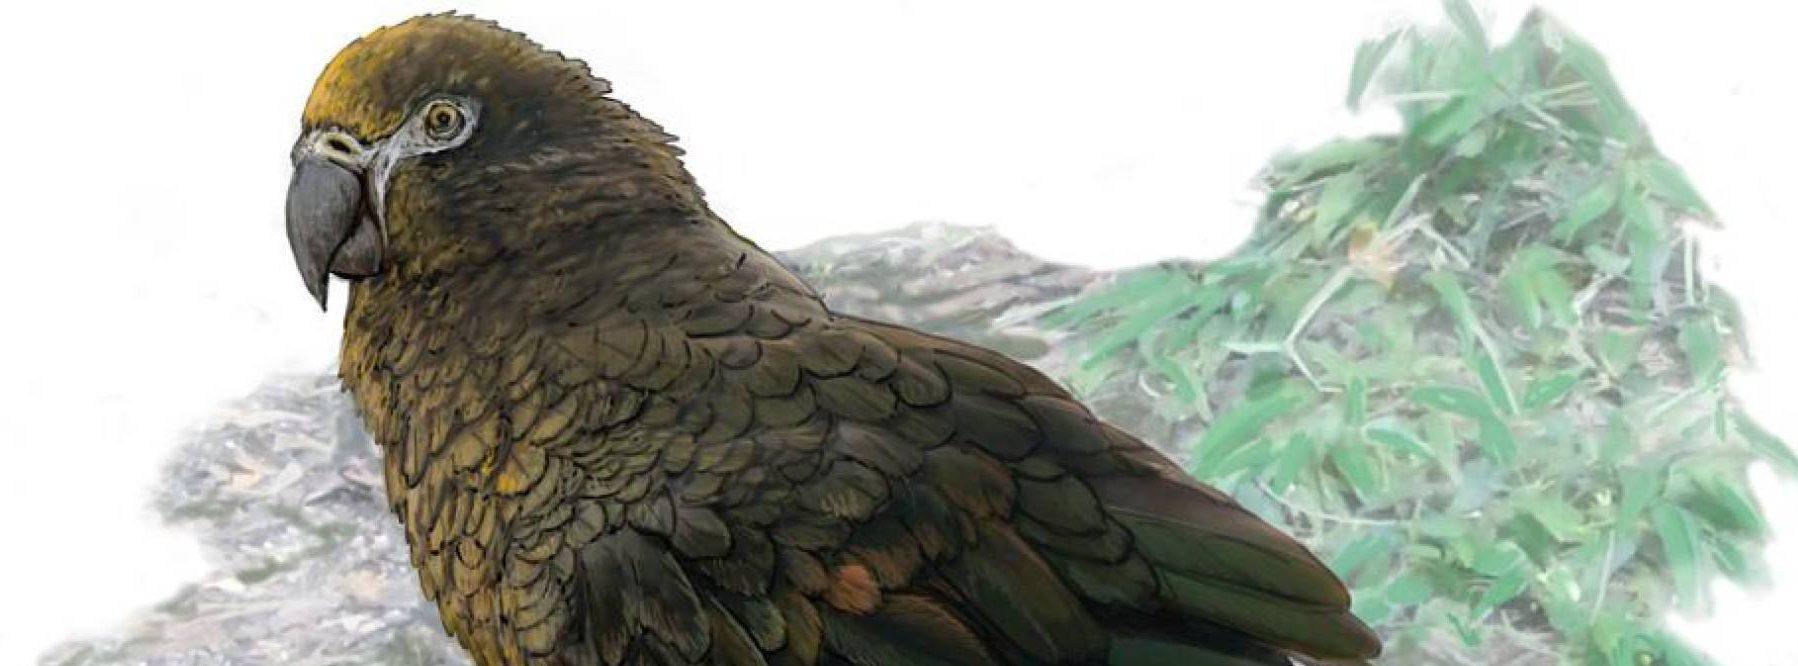 Han sido descubiertos los restos de un loro gigante prehistórico